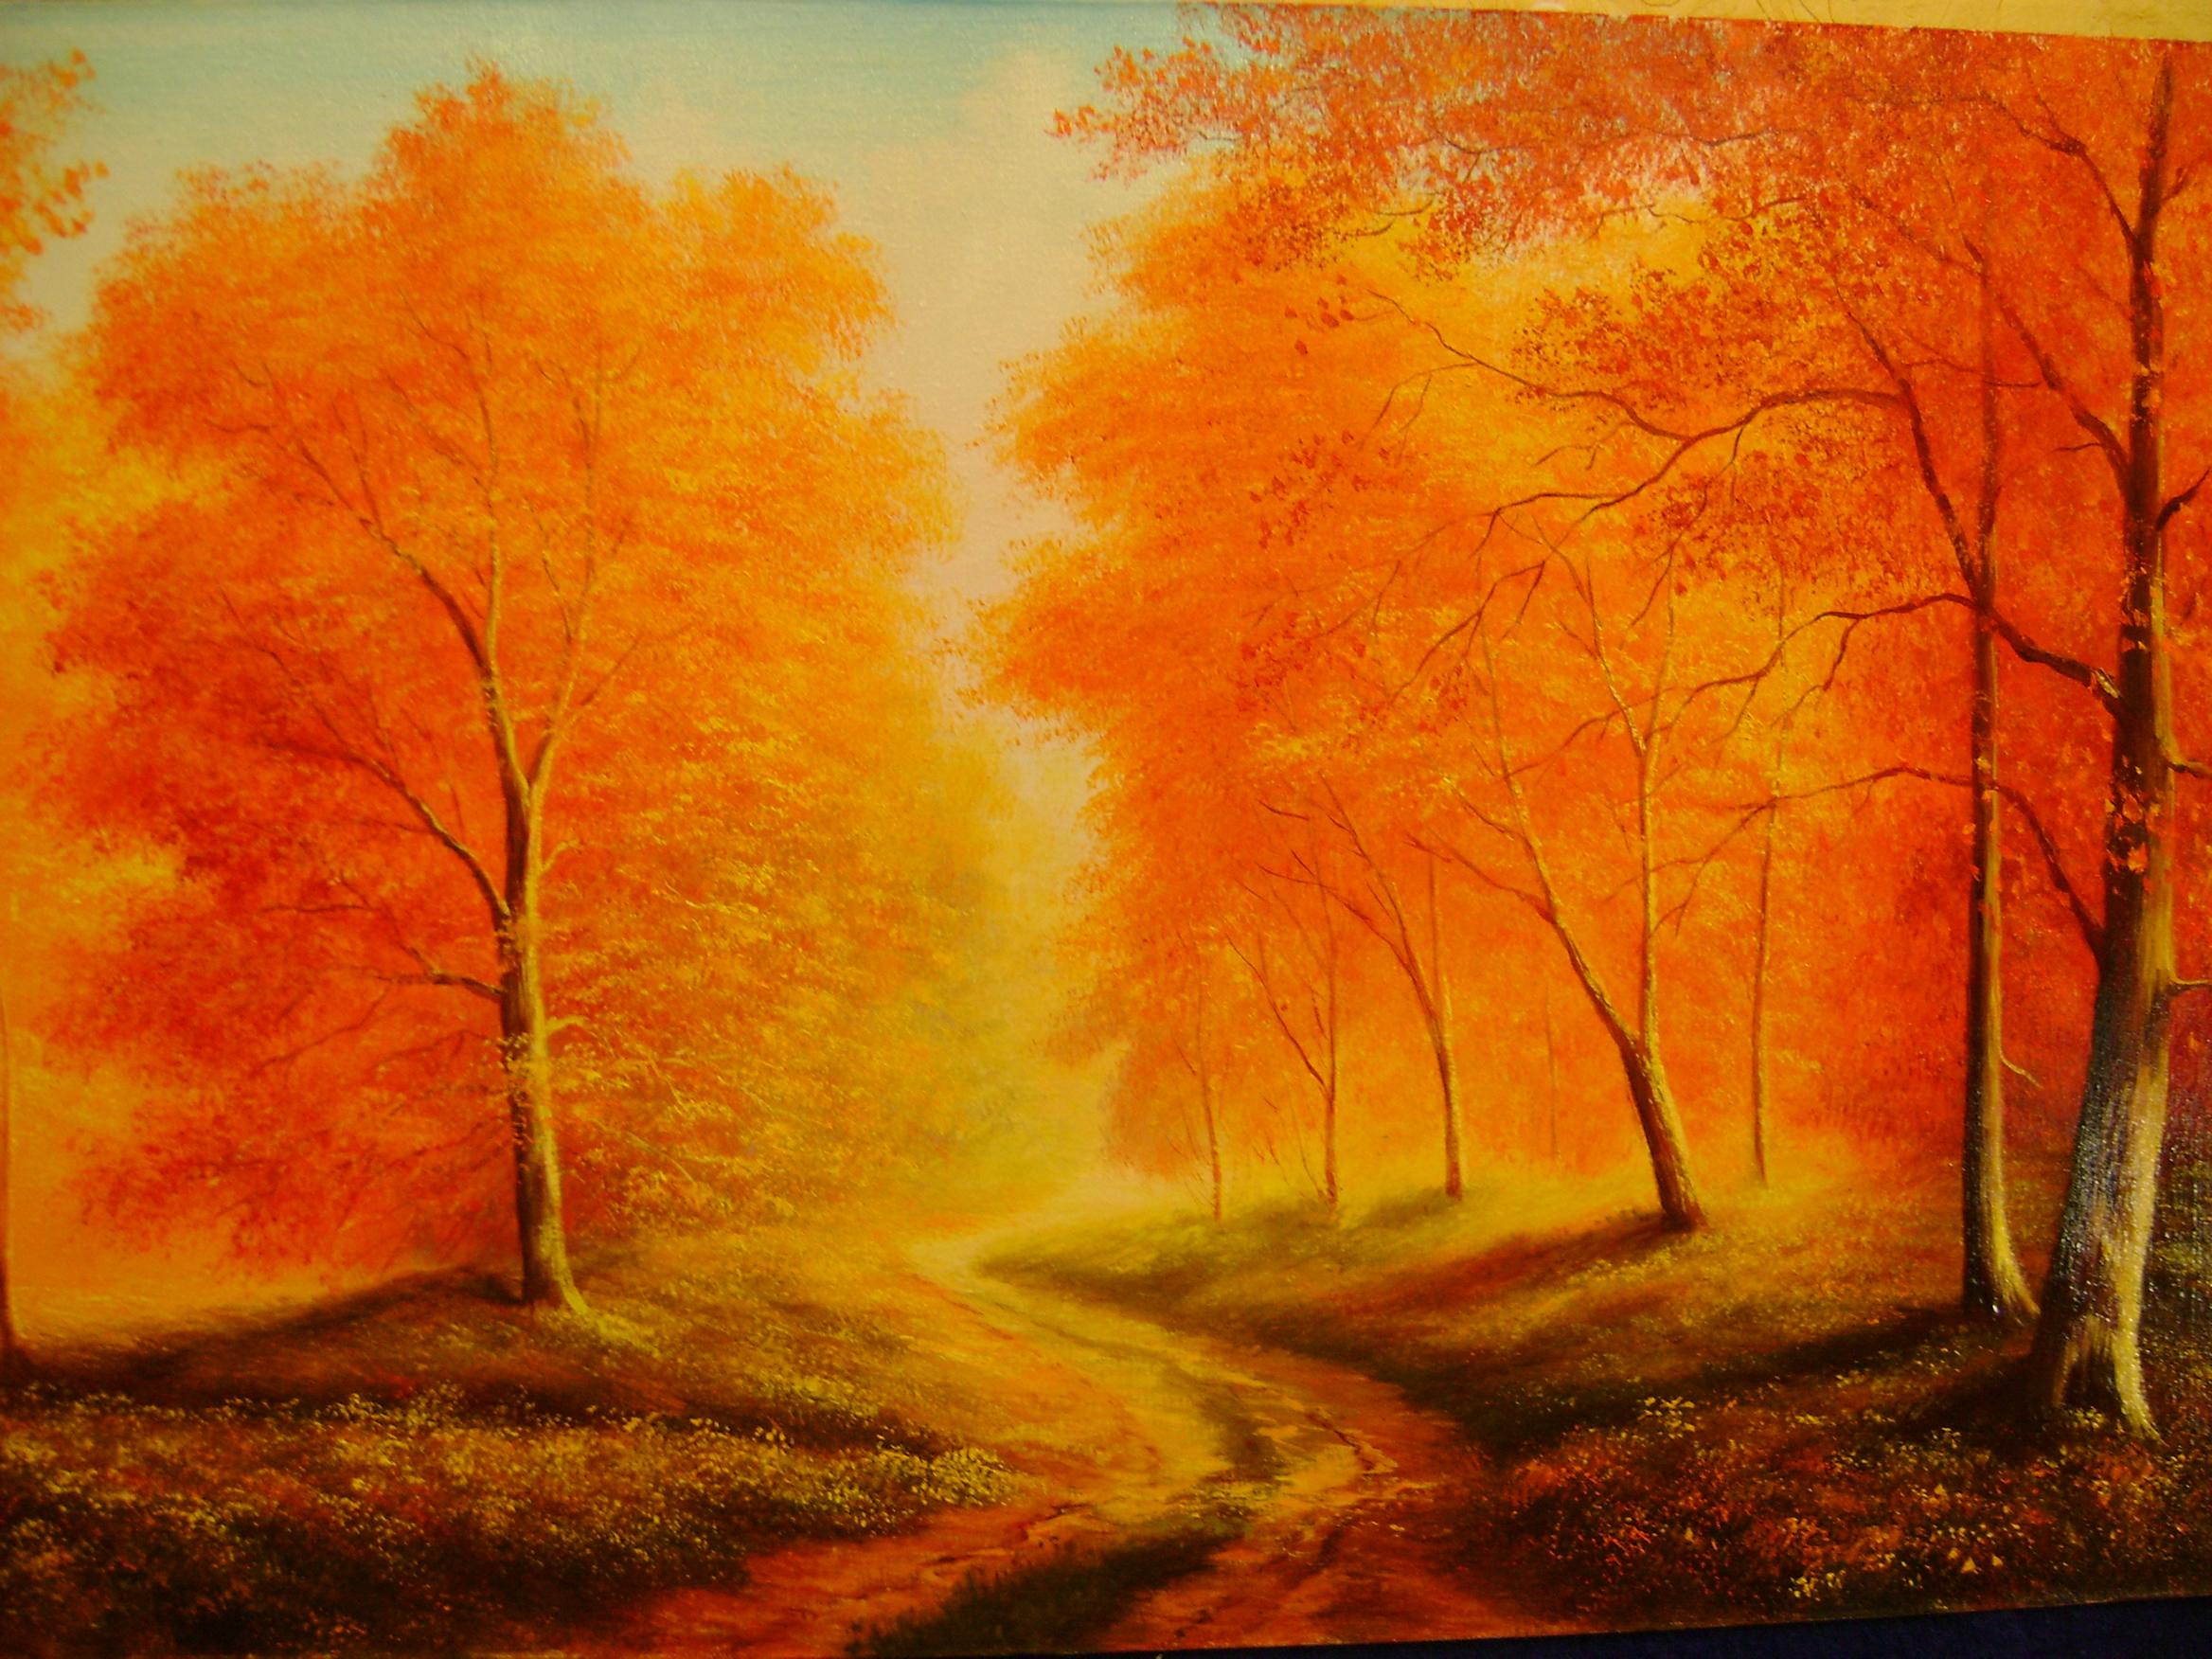 рисунок осень, скачать фото, осенние деревья, обои на рабочий стол